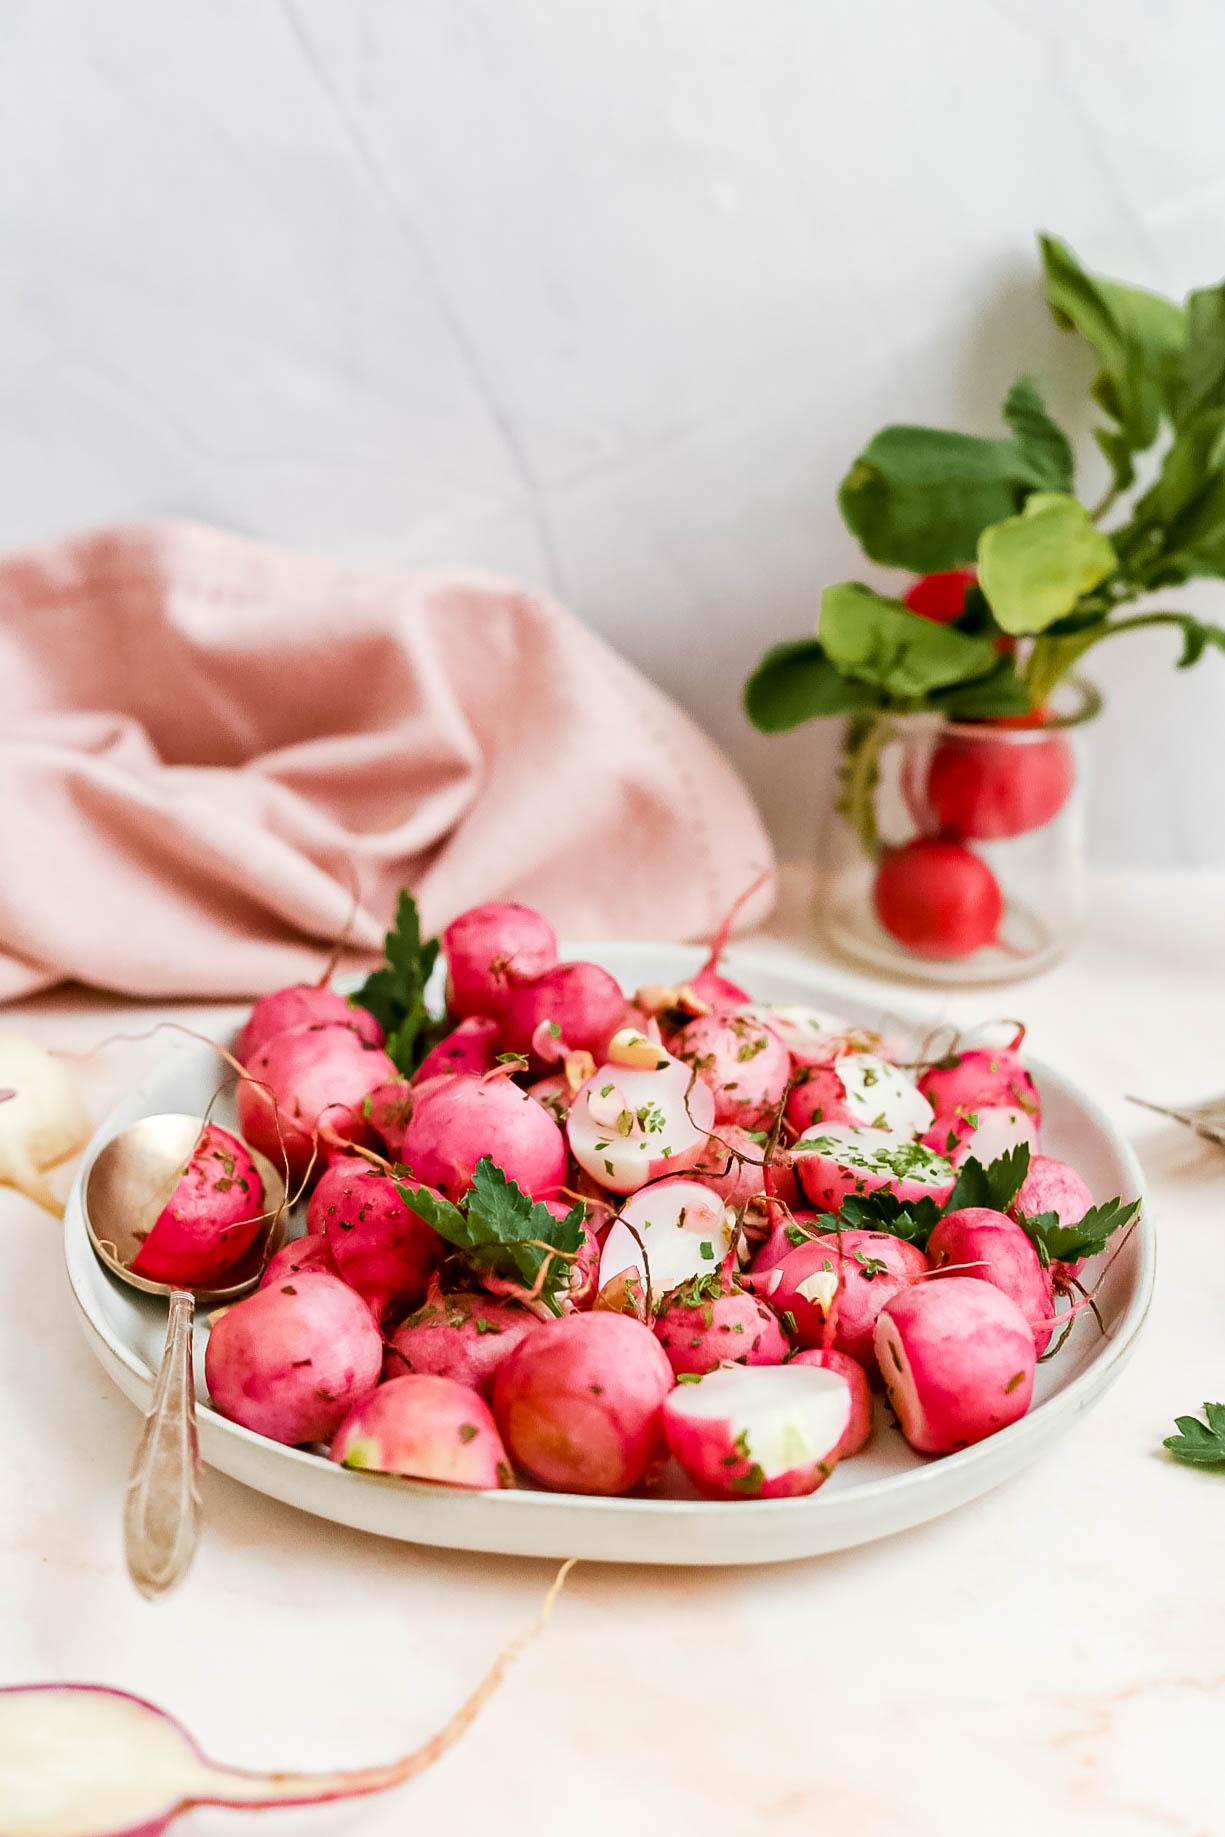 Garlic Parsley Roasted Radishes